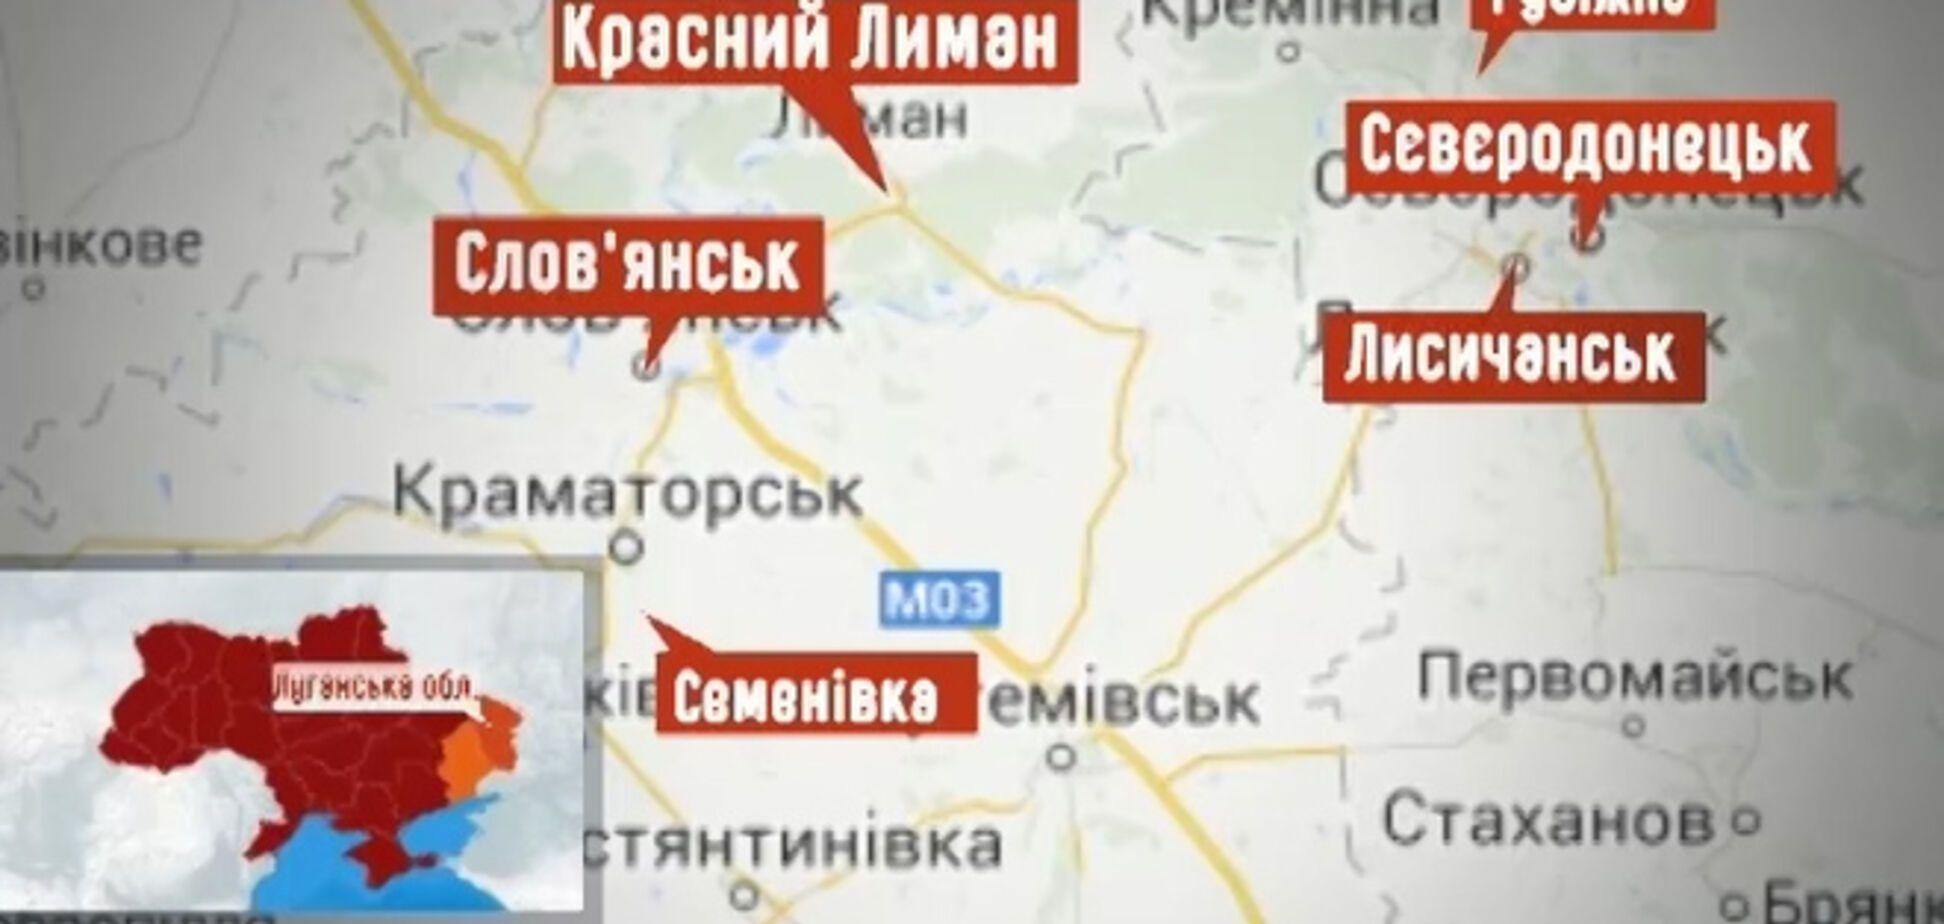 Появилась карта АТО на Востоке: силовики контролируют больше 20 районов